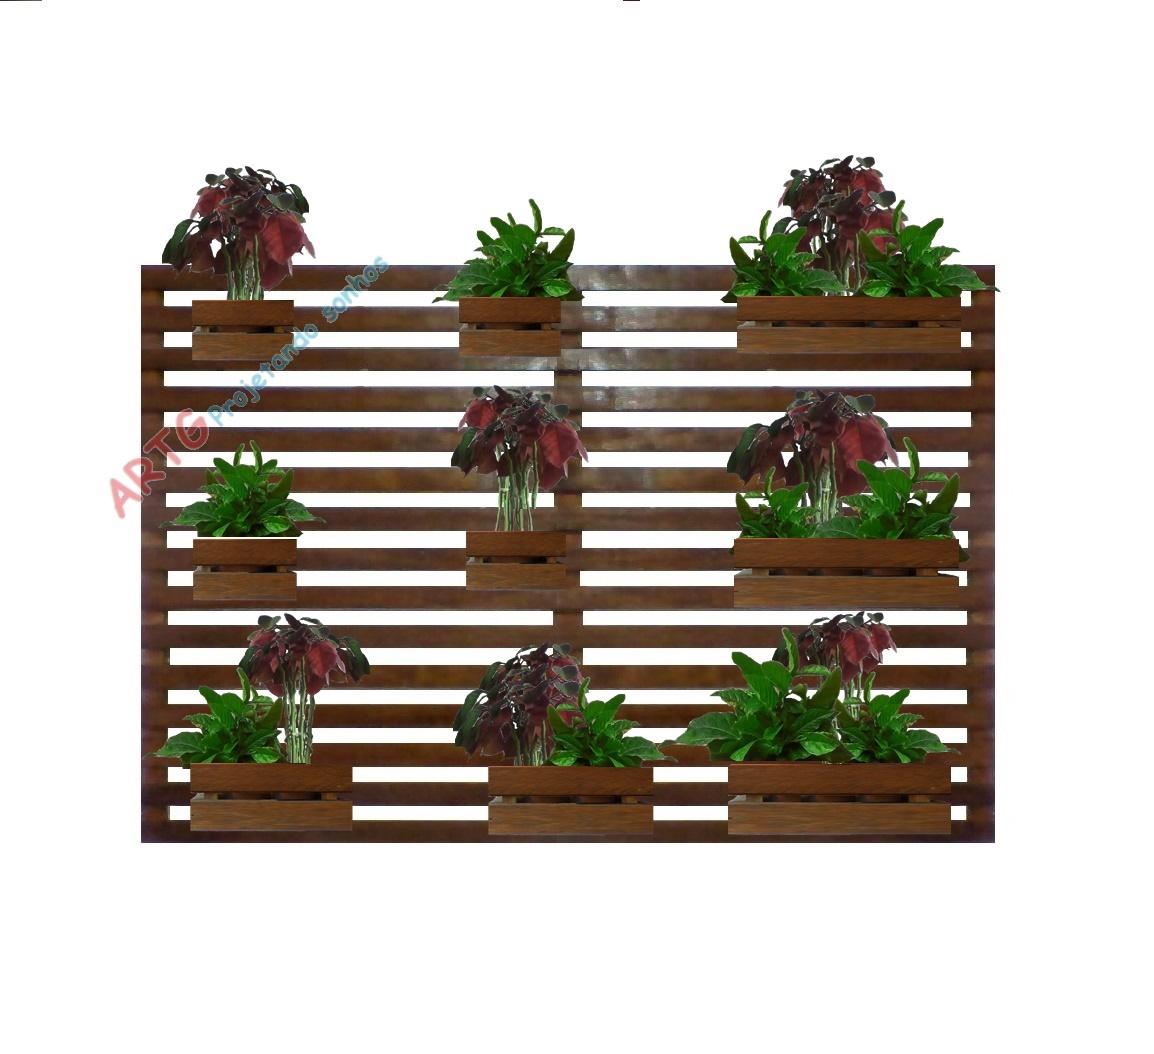 2 Floreira Vertical Jardim 7 Cachep S No Elo7 Jardim Vertical E  -> Floreira Vertical